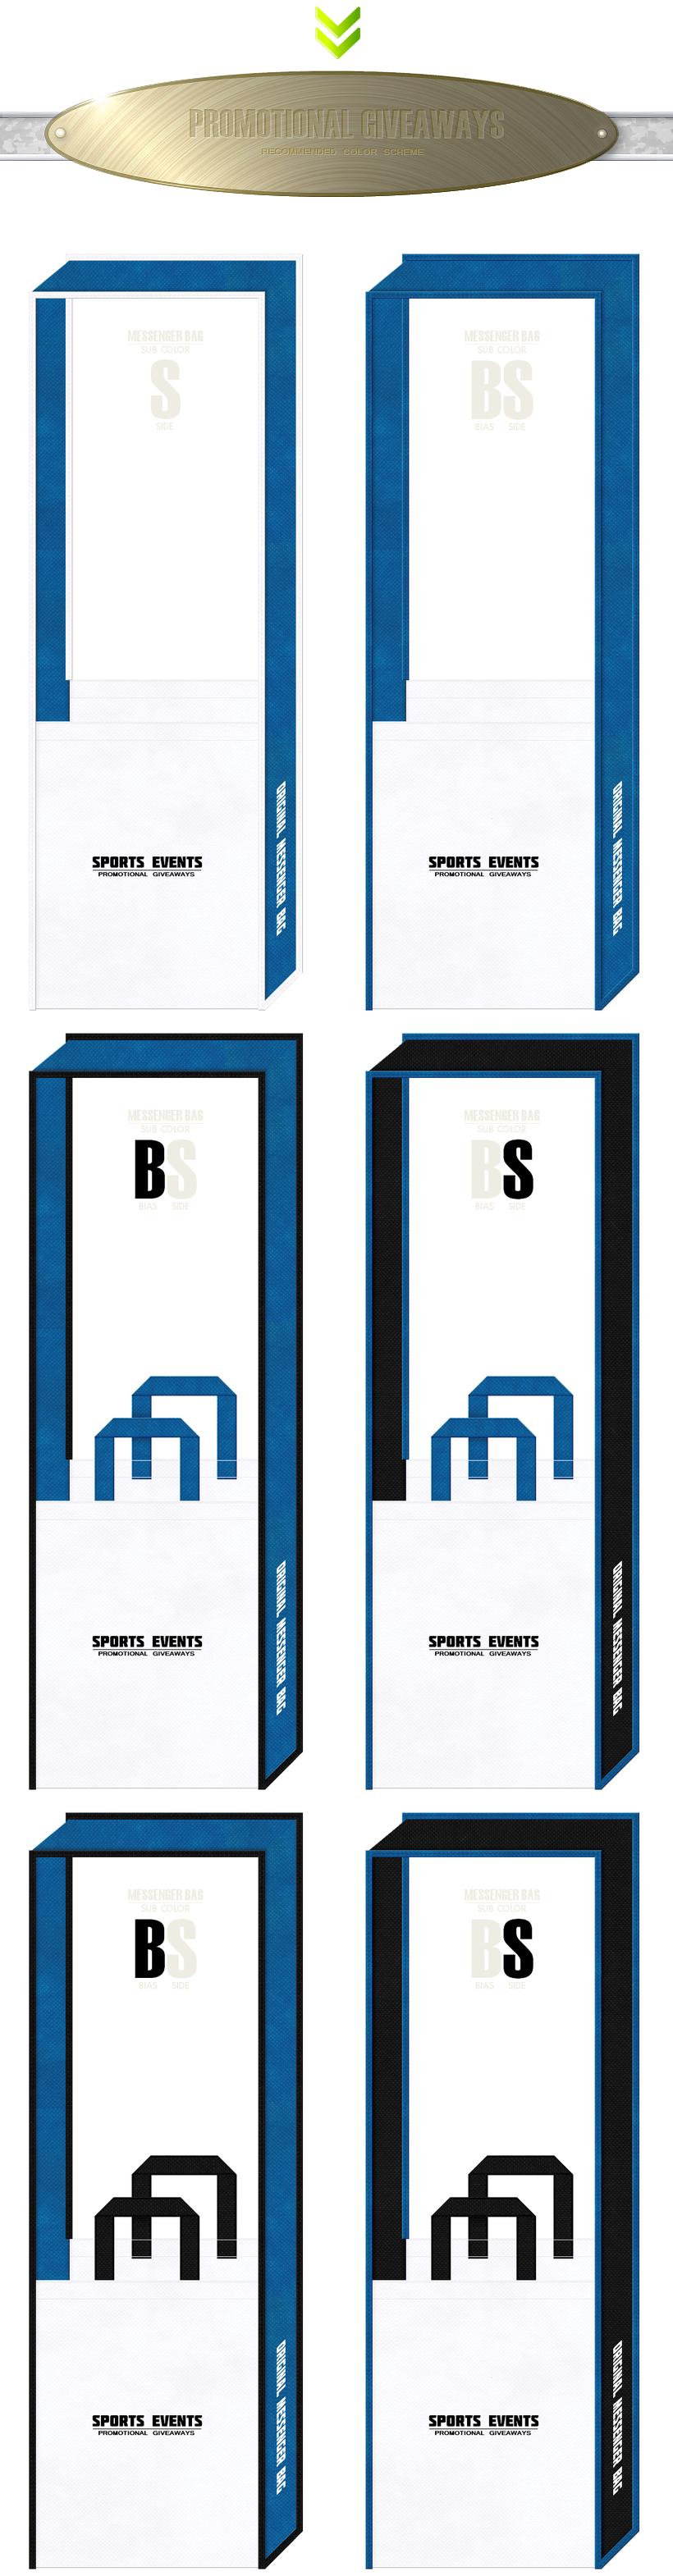 白色と青色をメインに使用した、不織布メッセンジャーバッグのカラーシミュレーション:スポーツイベントのノベルティ